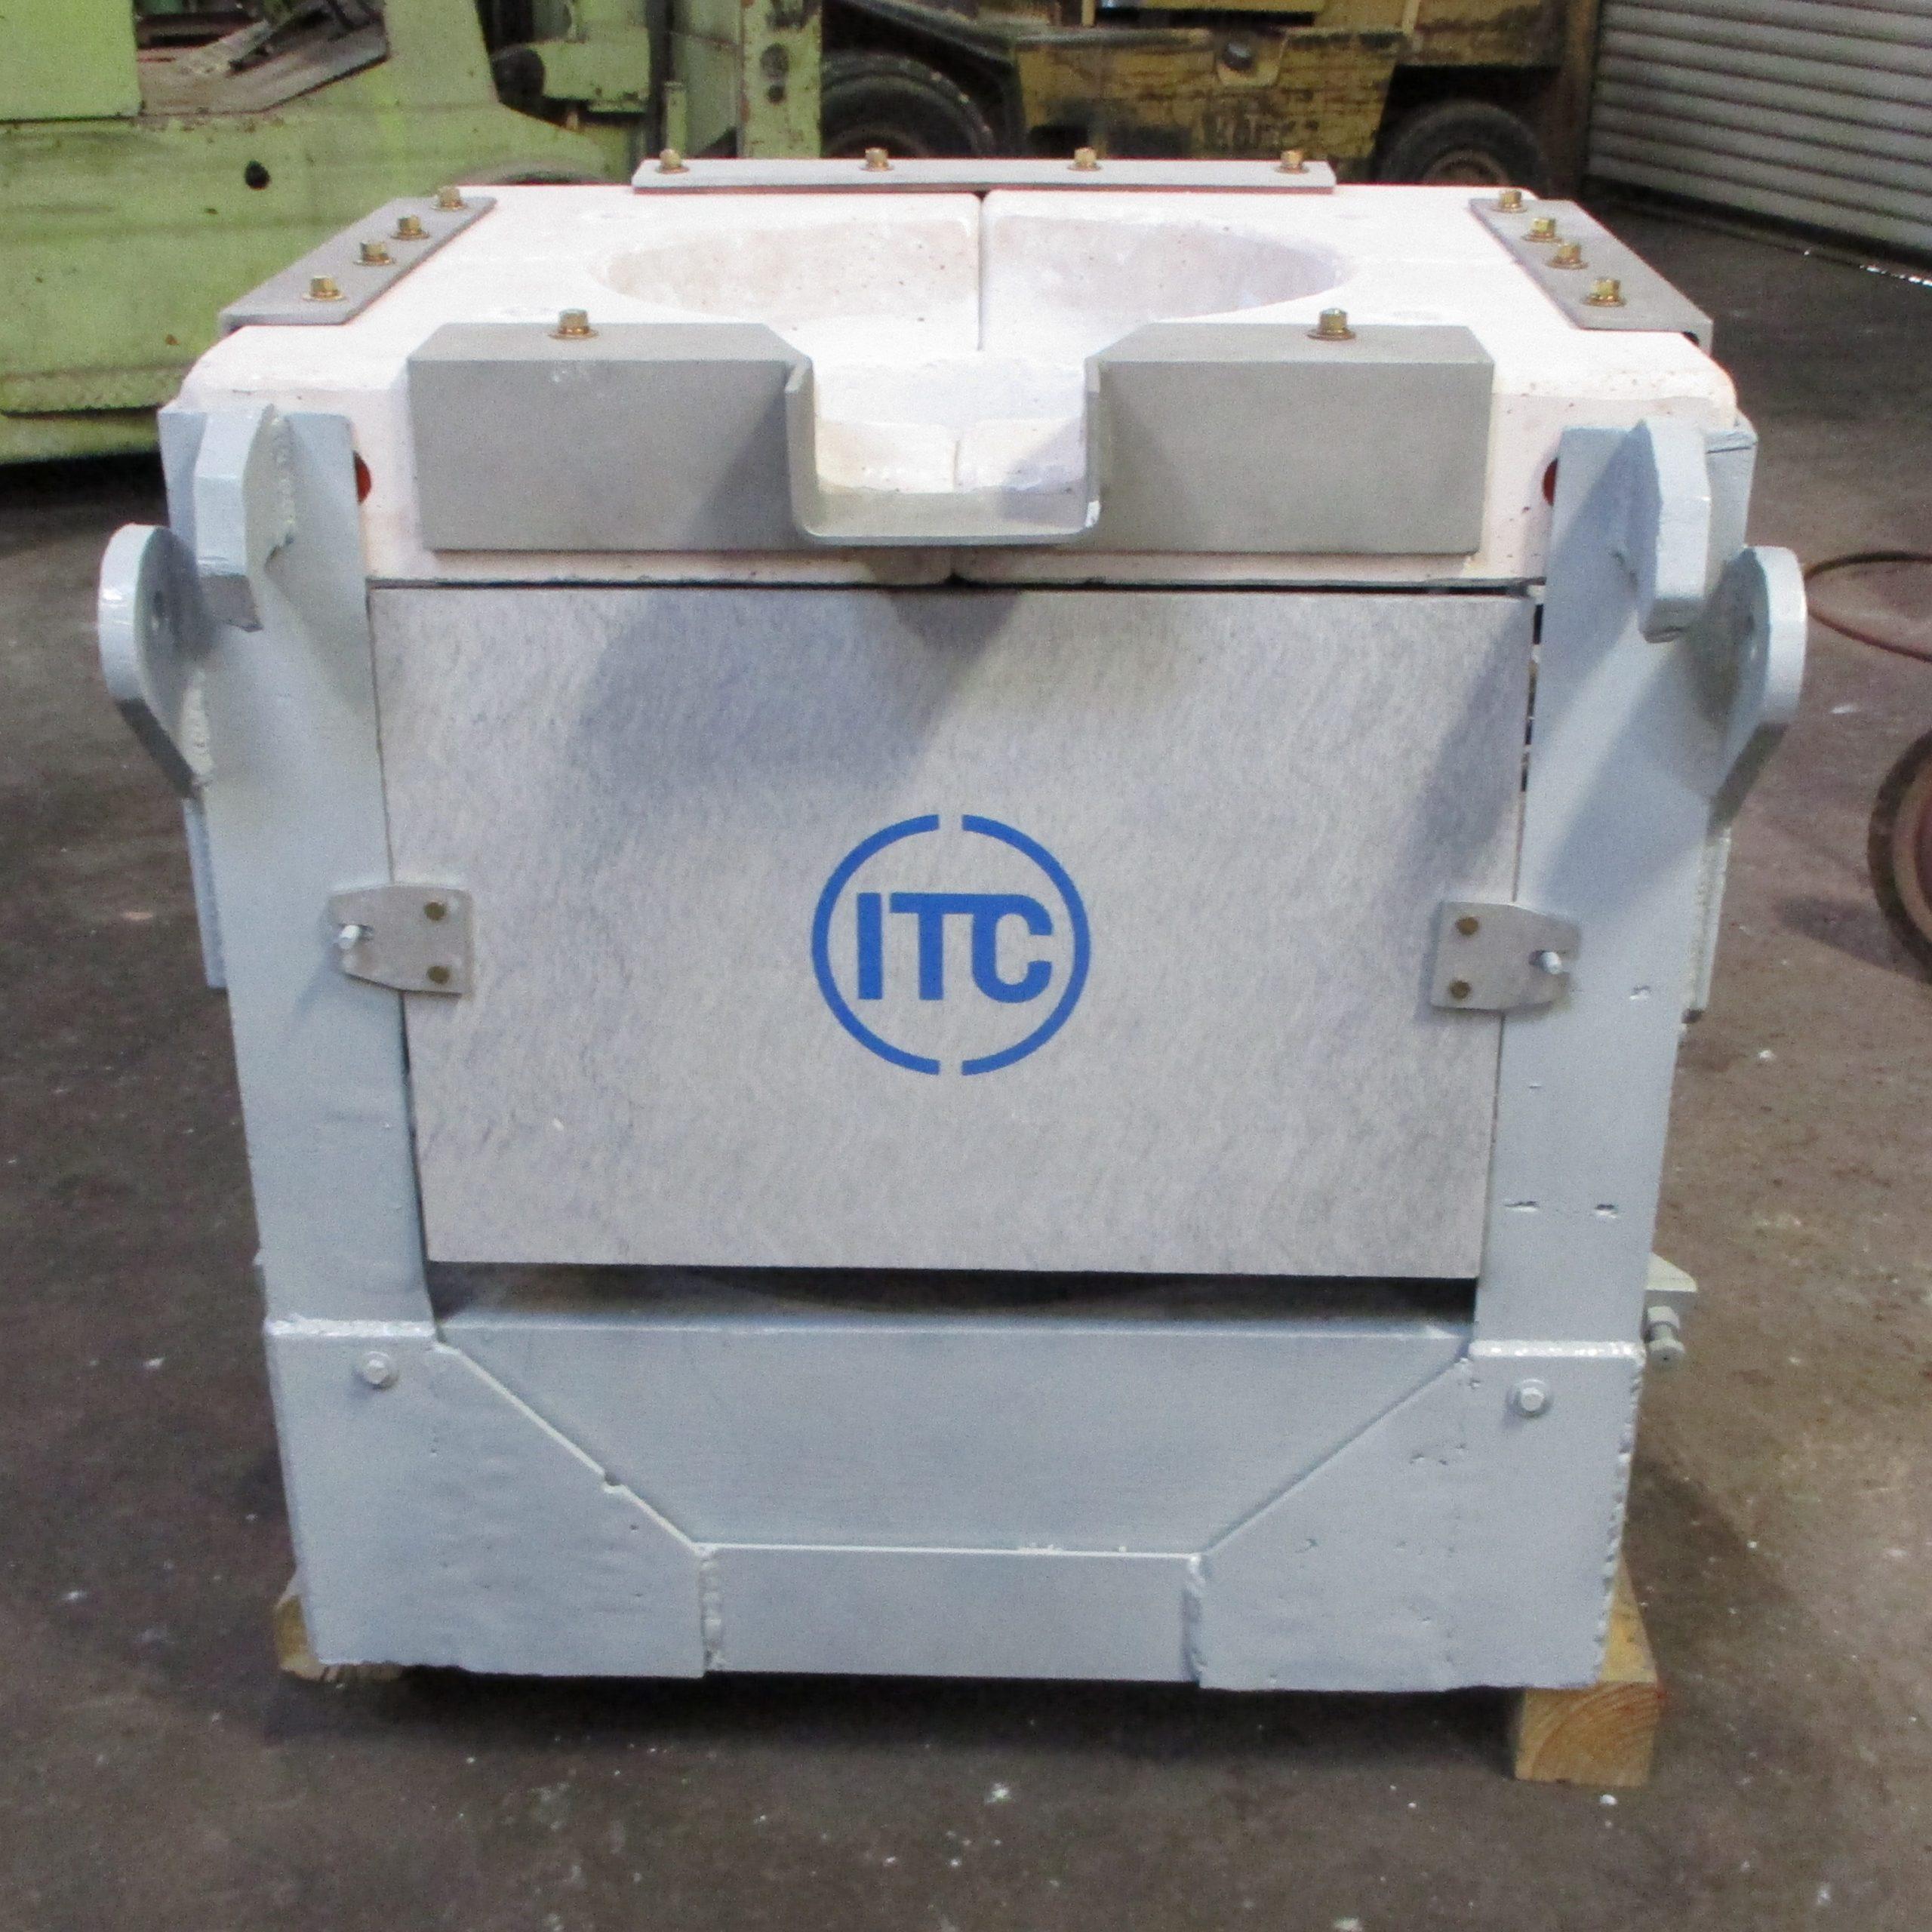 rebuild 500lp ITC Power Cube